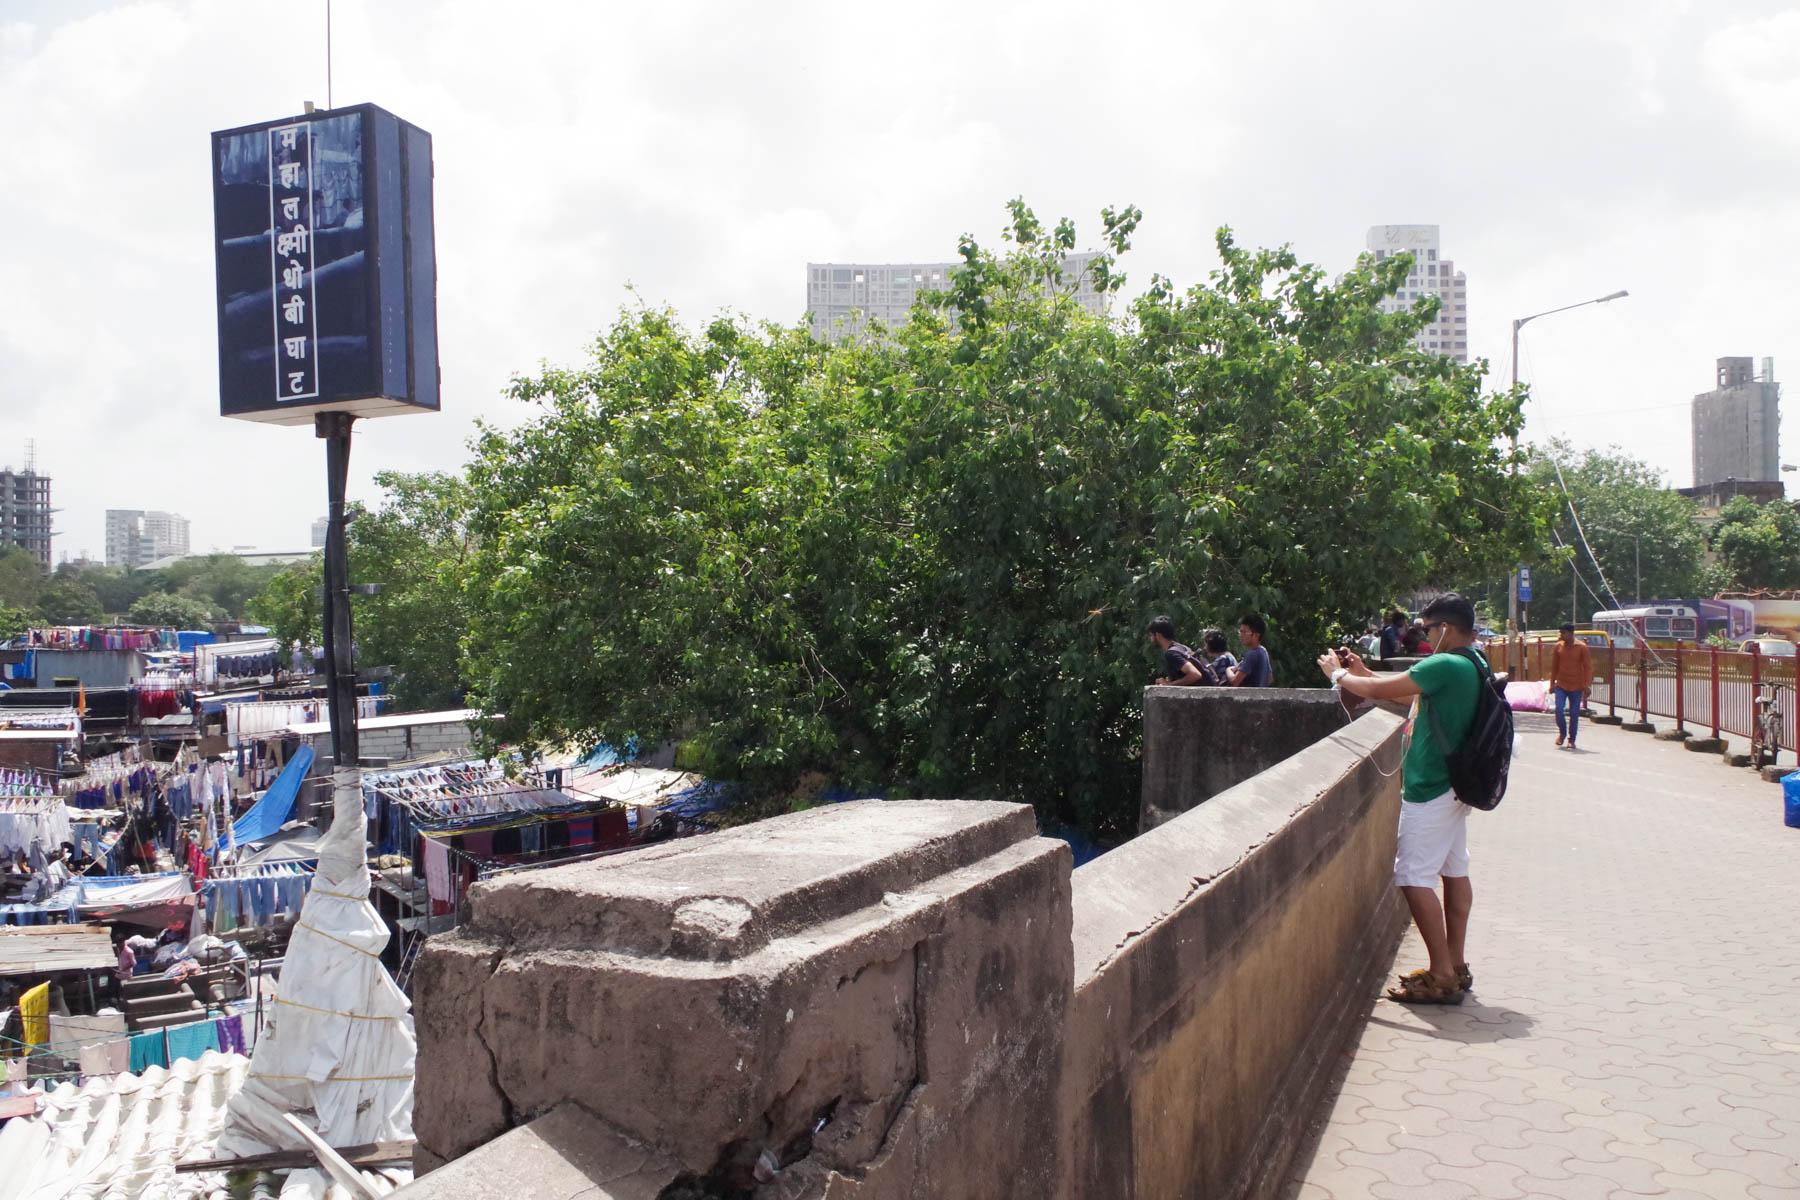 ムンバイ 巨大洗濯工場 ドービーガート マハラクシュミ駅の撮影スポット